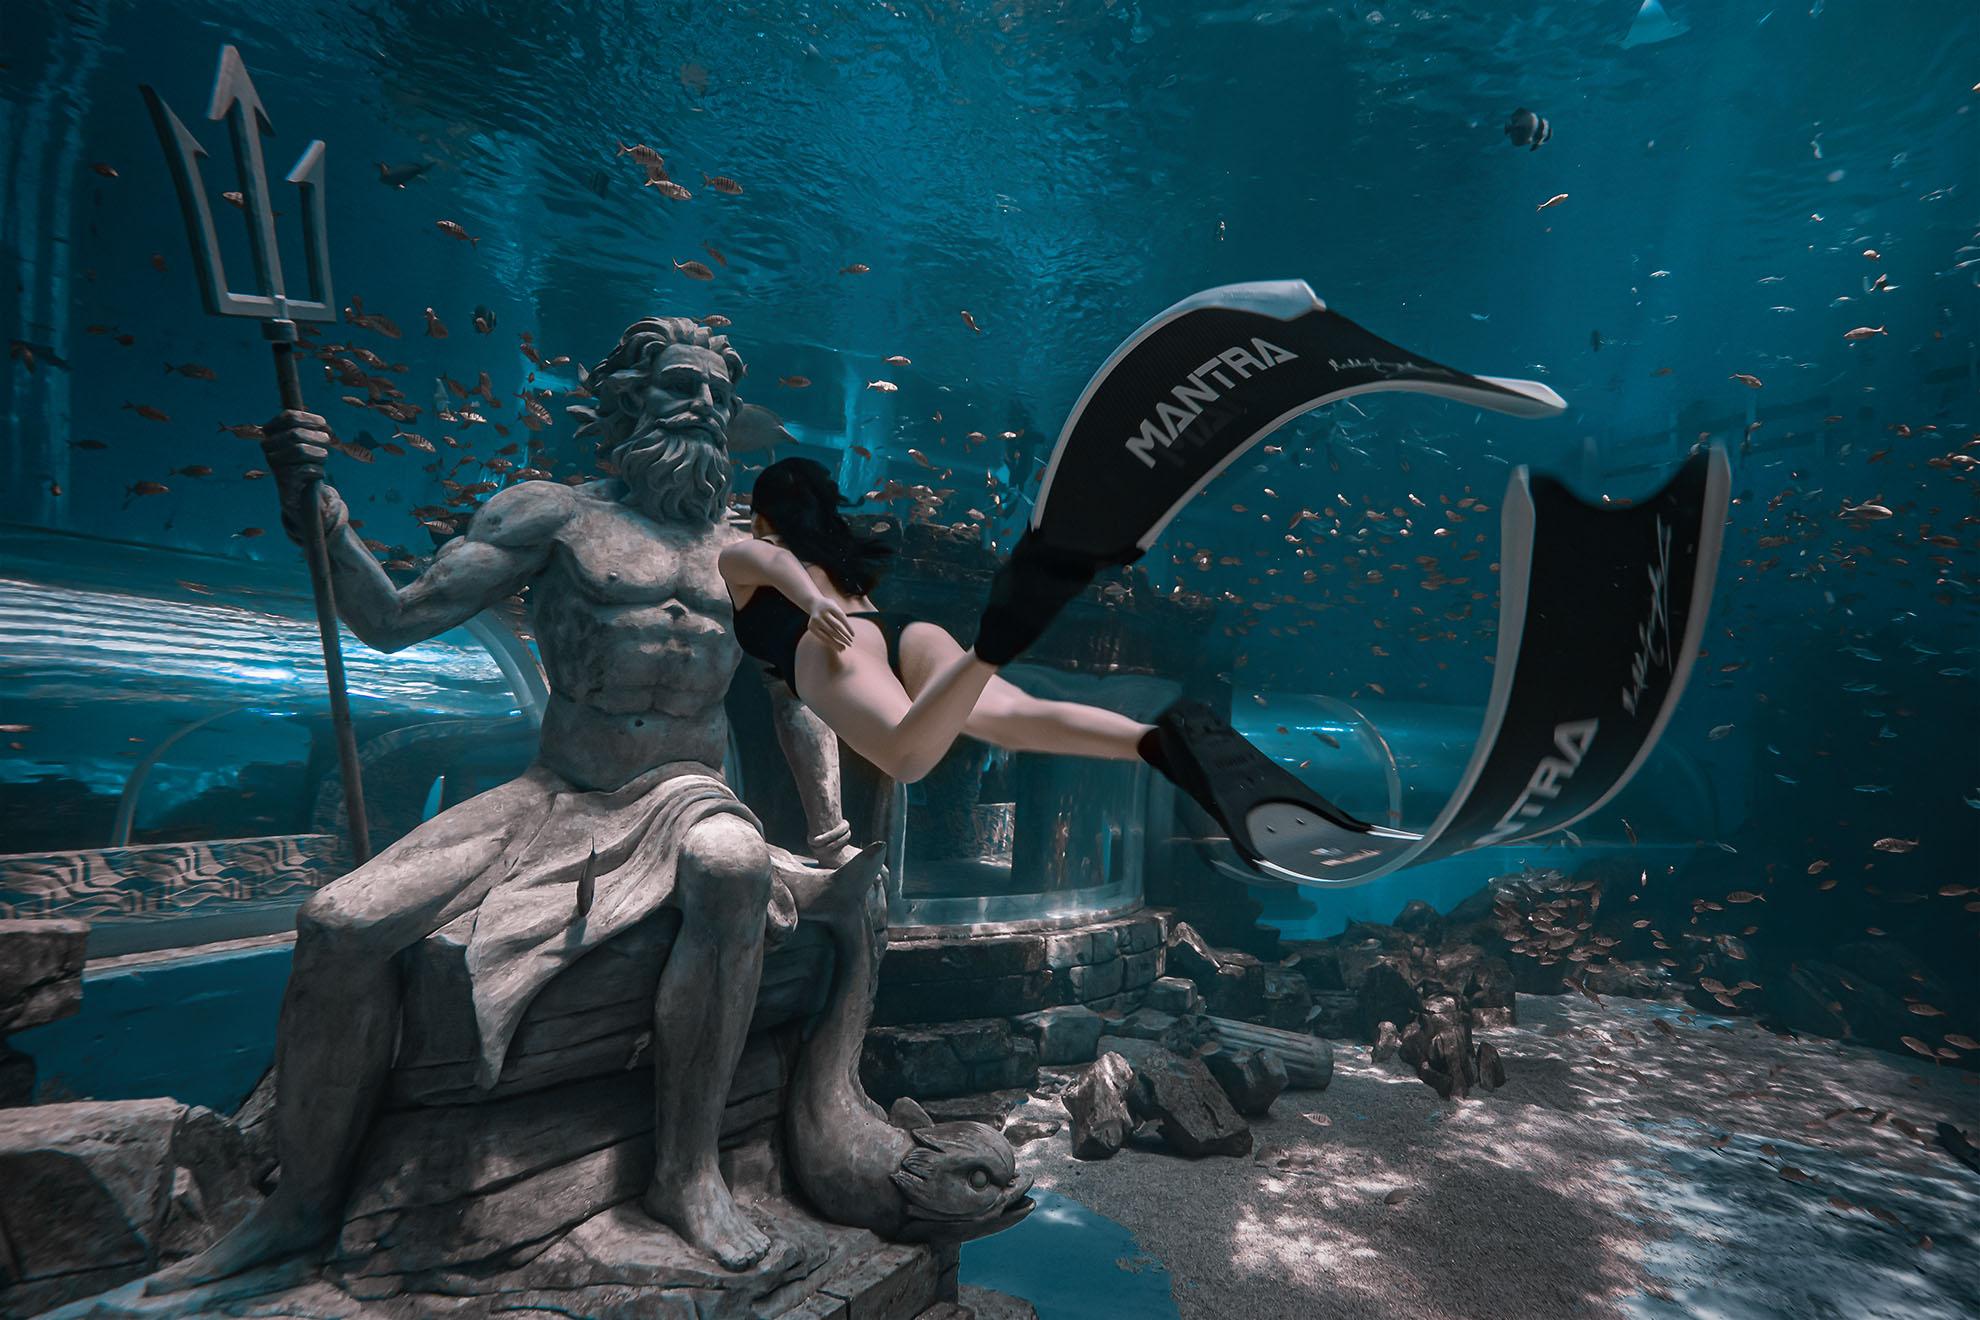 美女与海王水下相遇